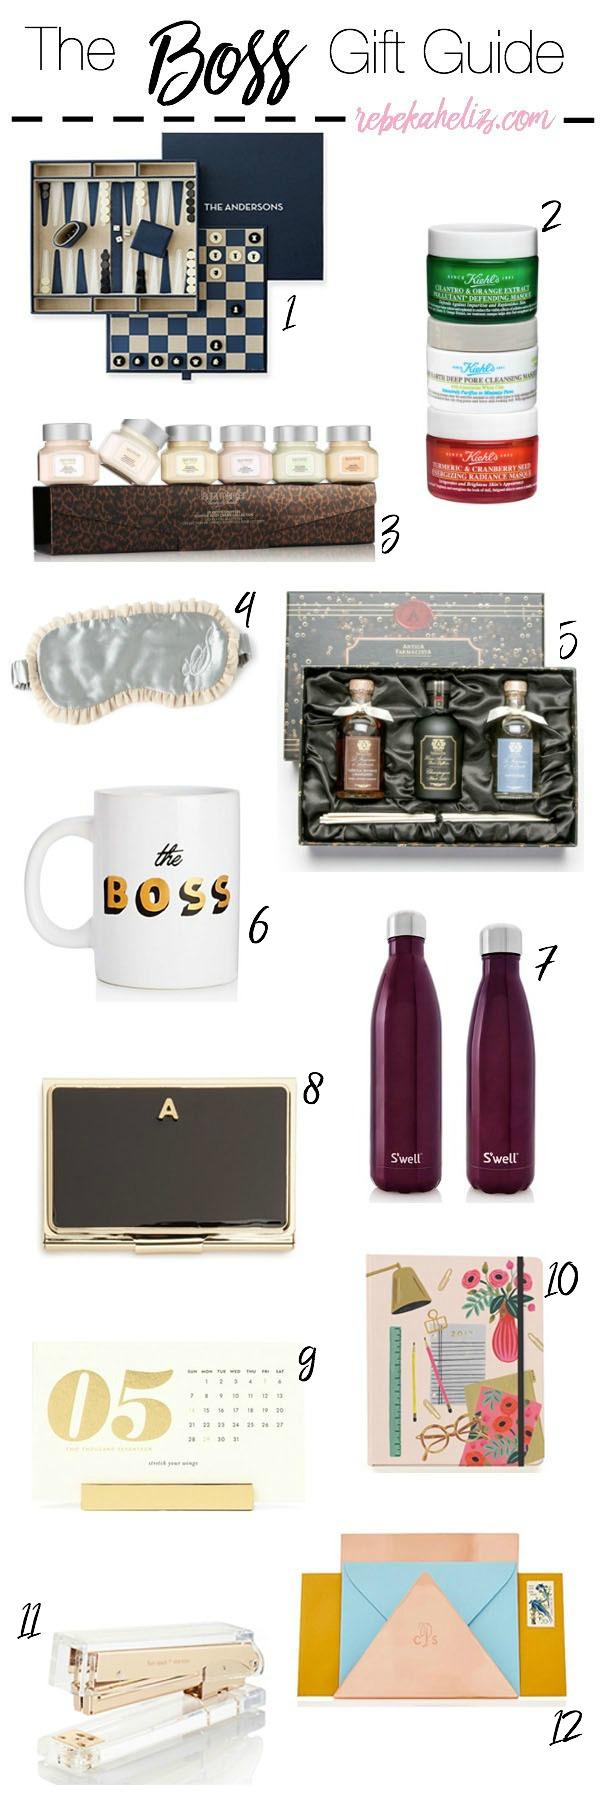 gift guide, boss, girlboss, holidays, desk accessories